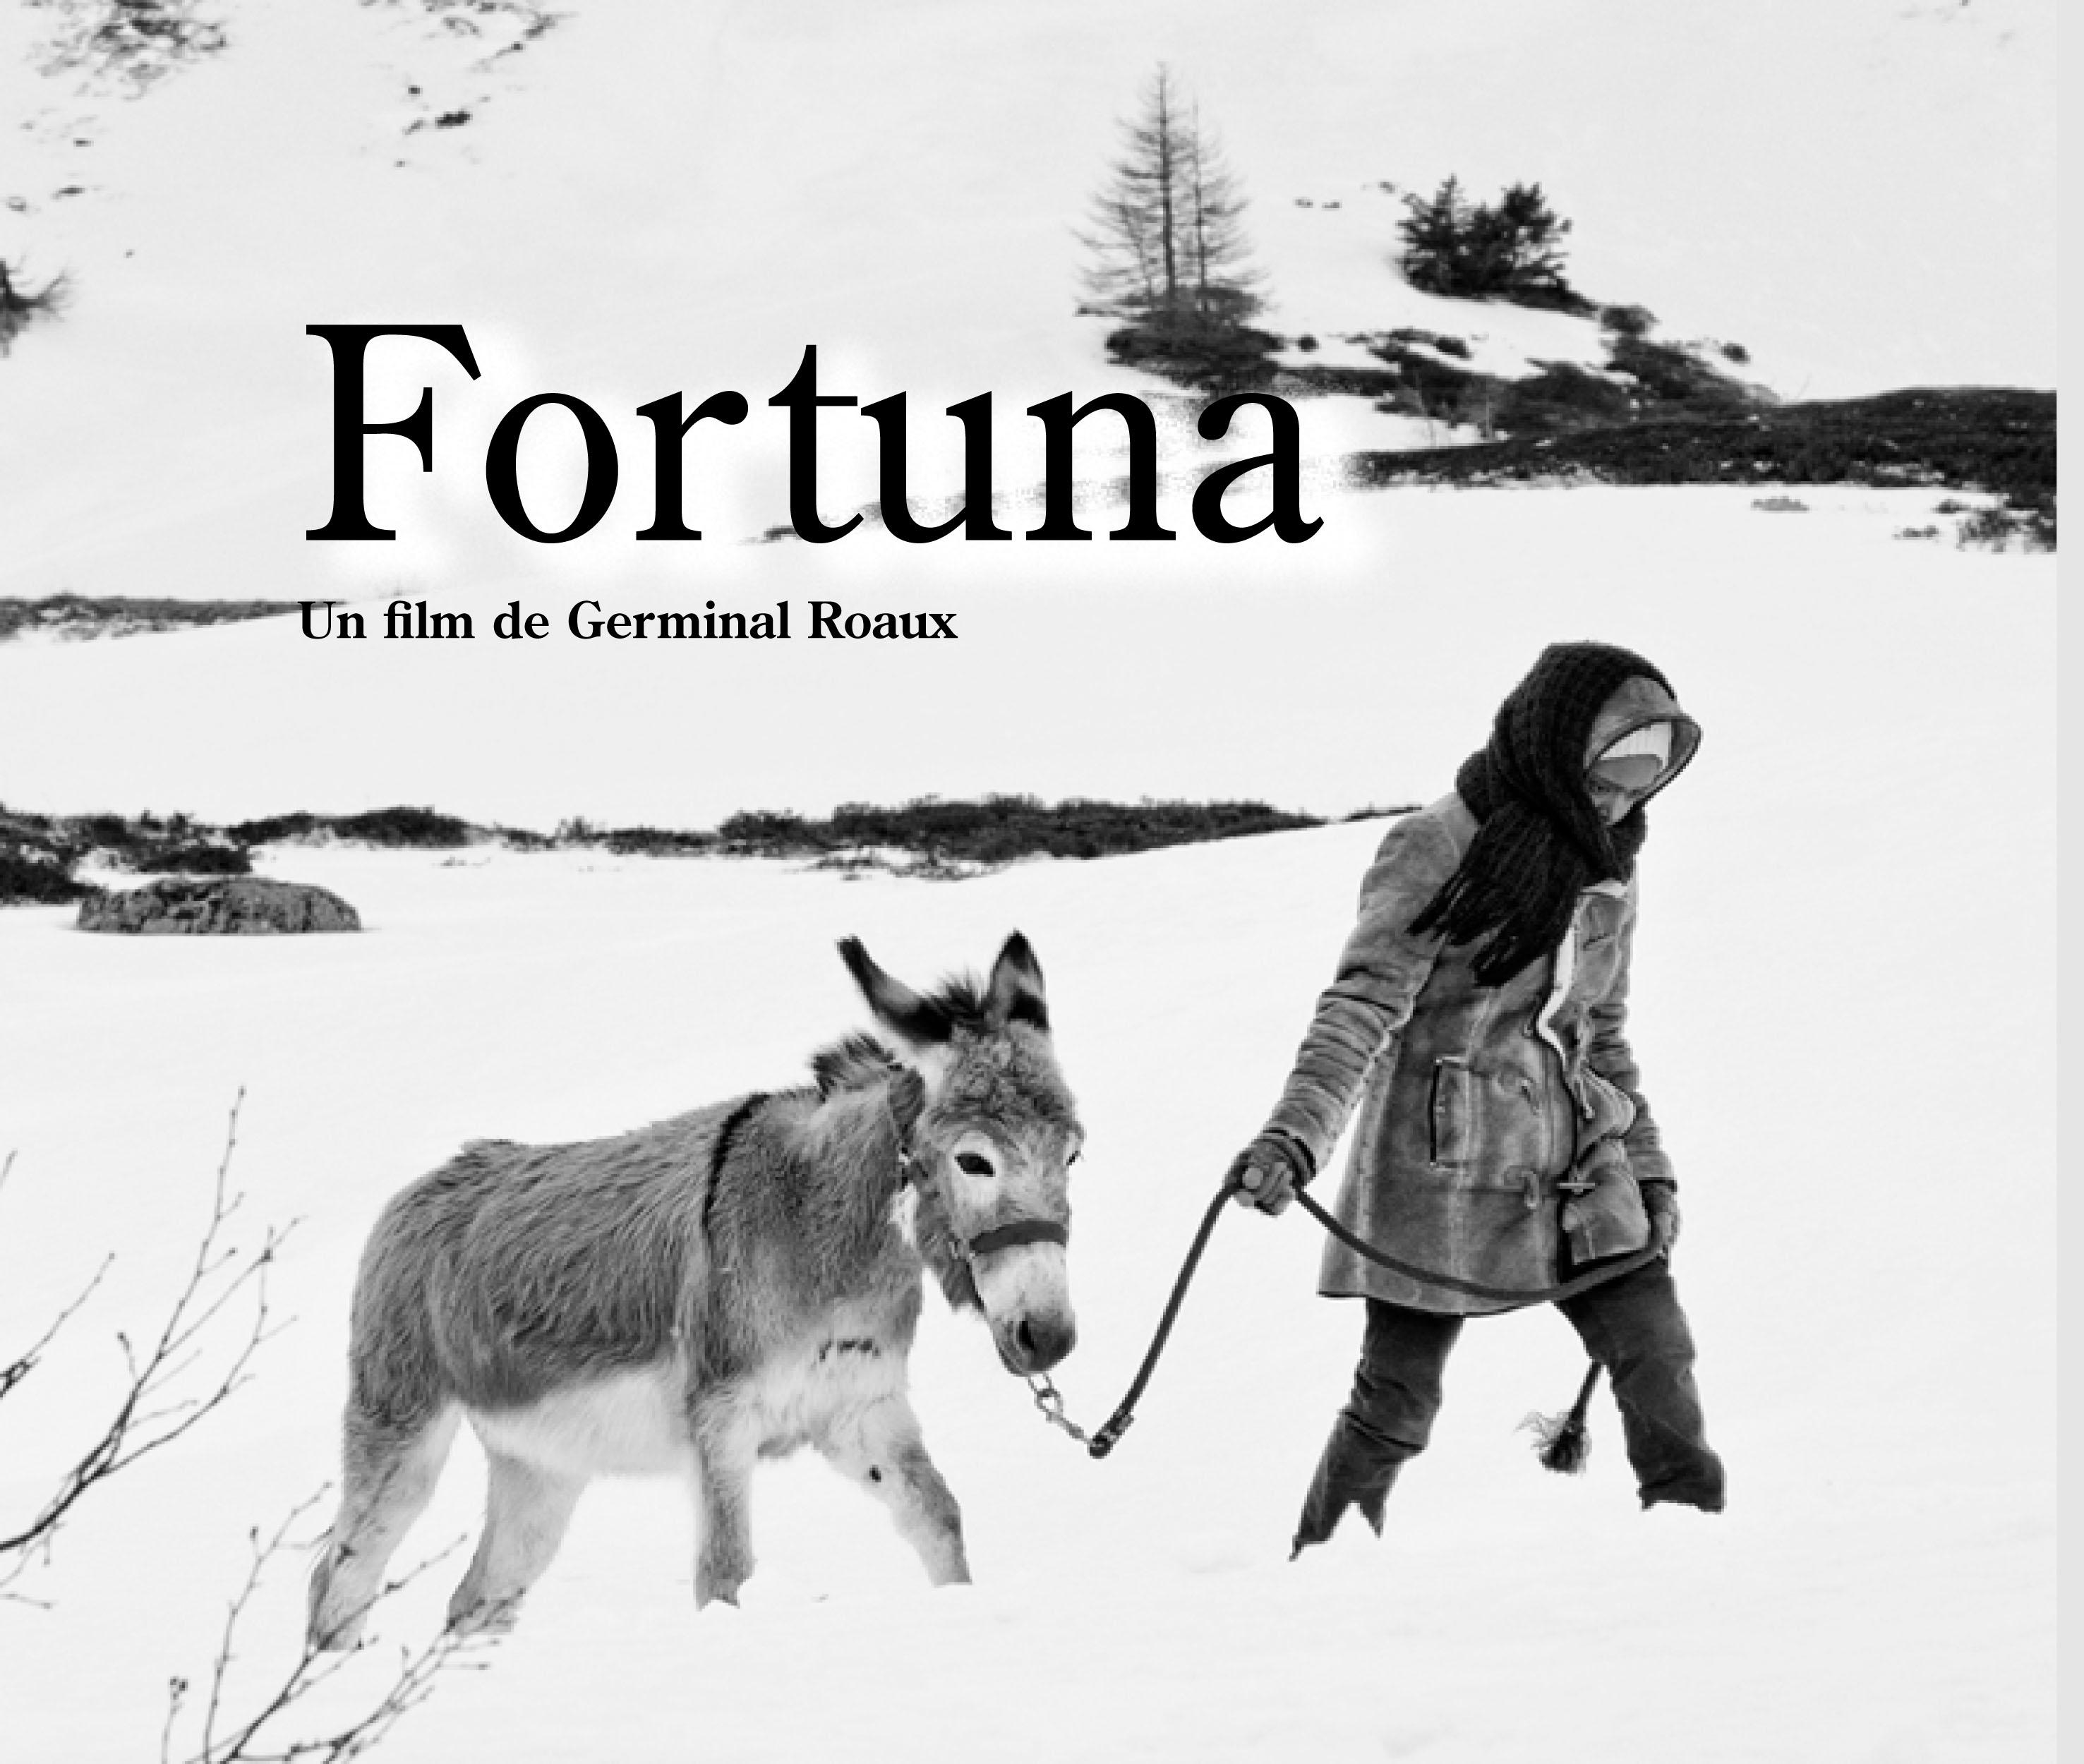 FORTUNA_cartel_2019 (1)-1